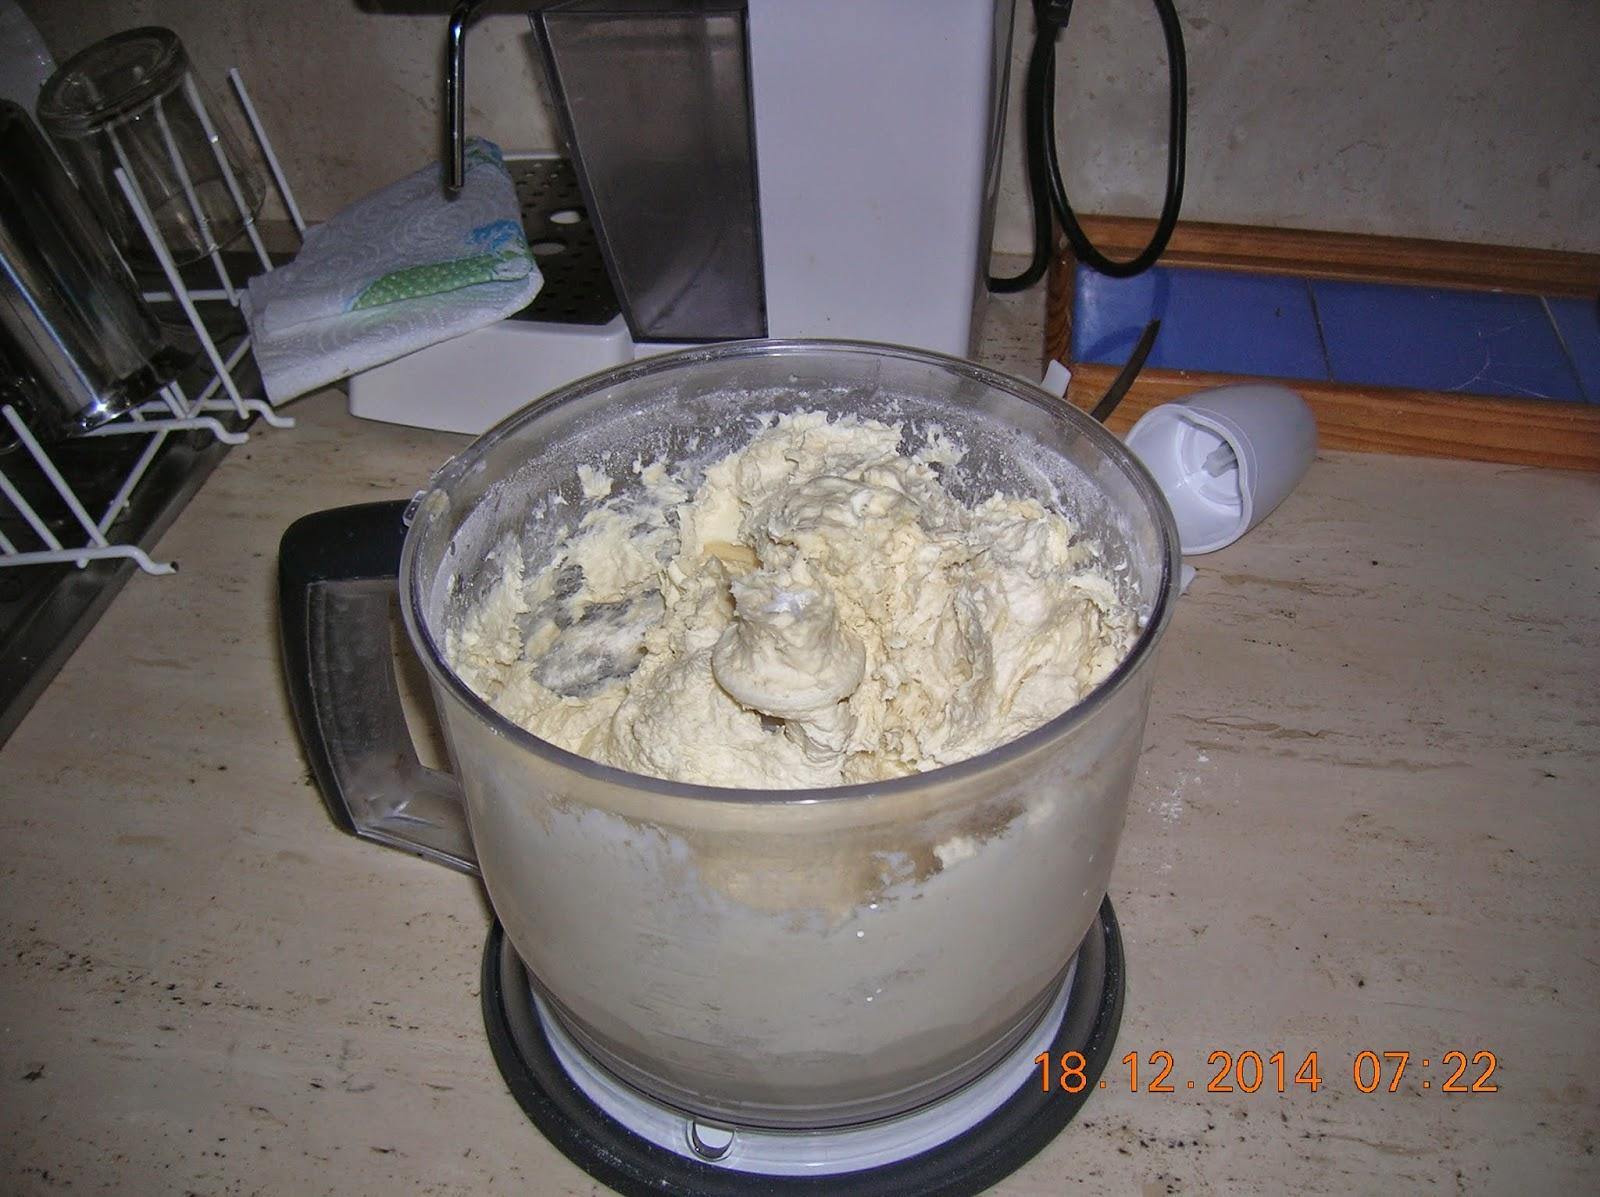 torta girasole con spinaci e ricotta ...  a modo mio....con pasta sfoglia fatta in casa